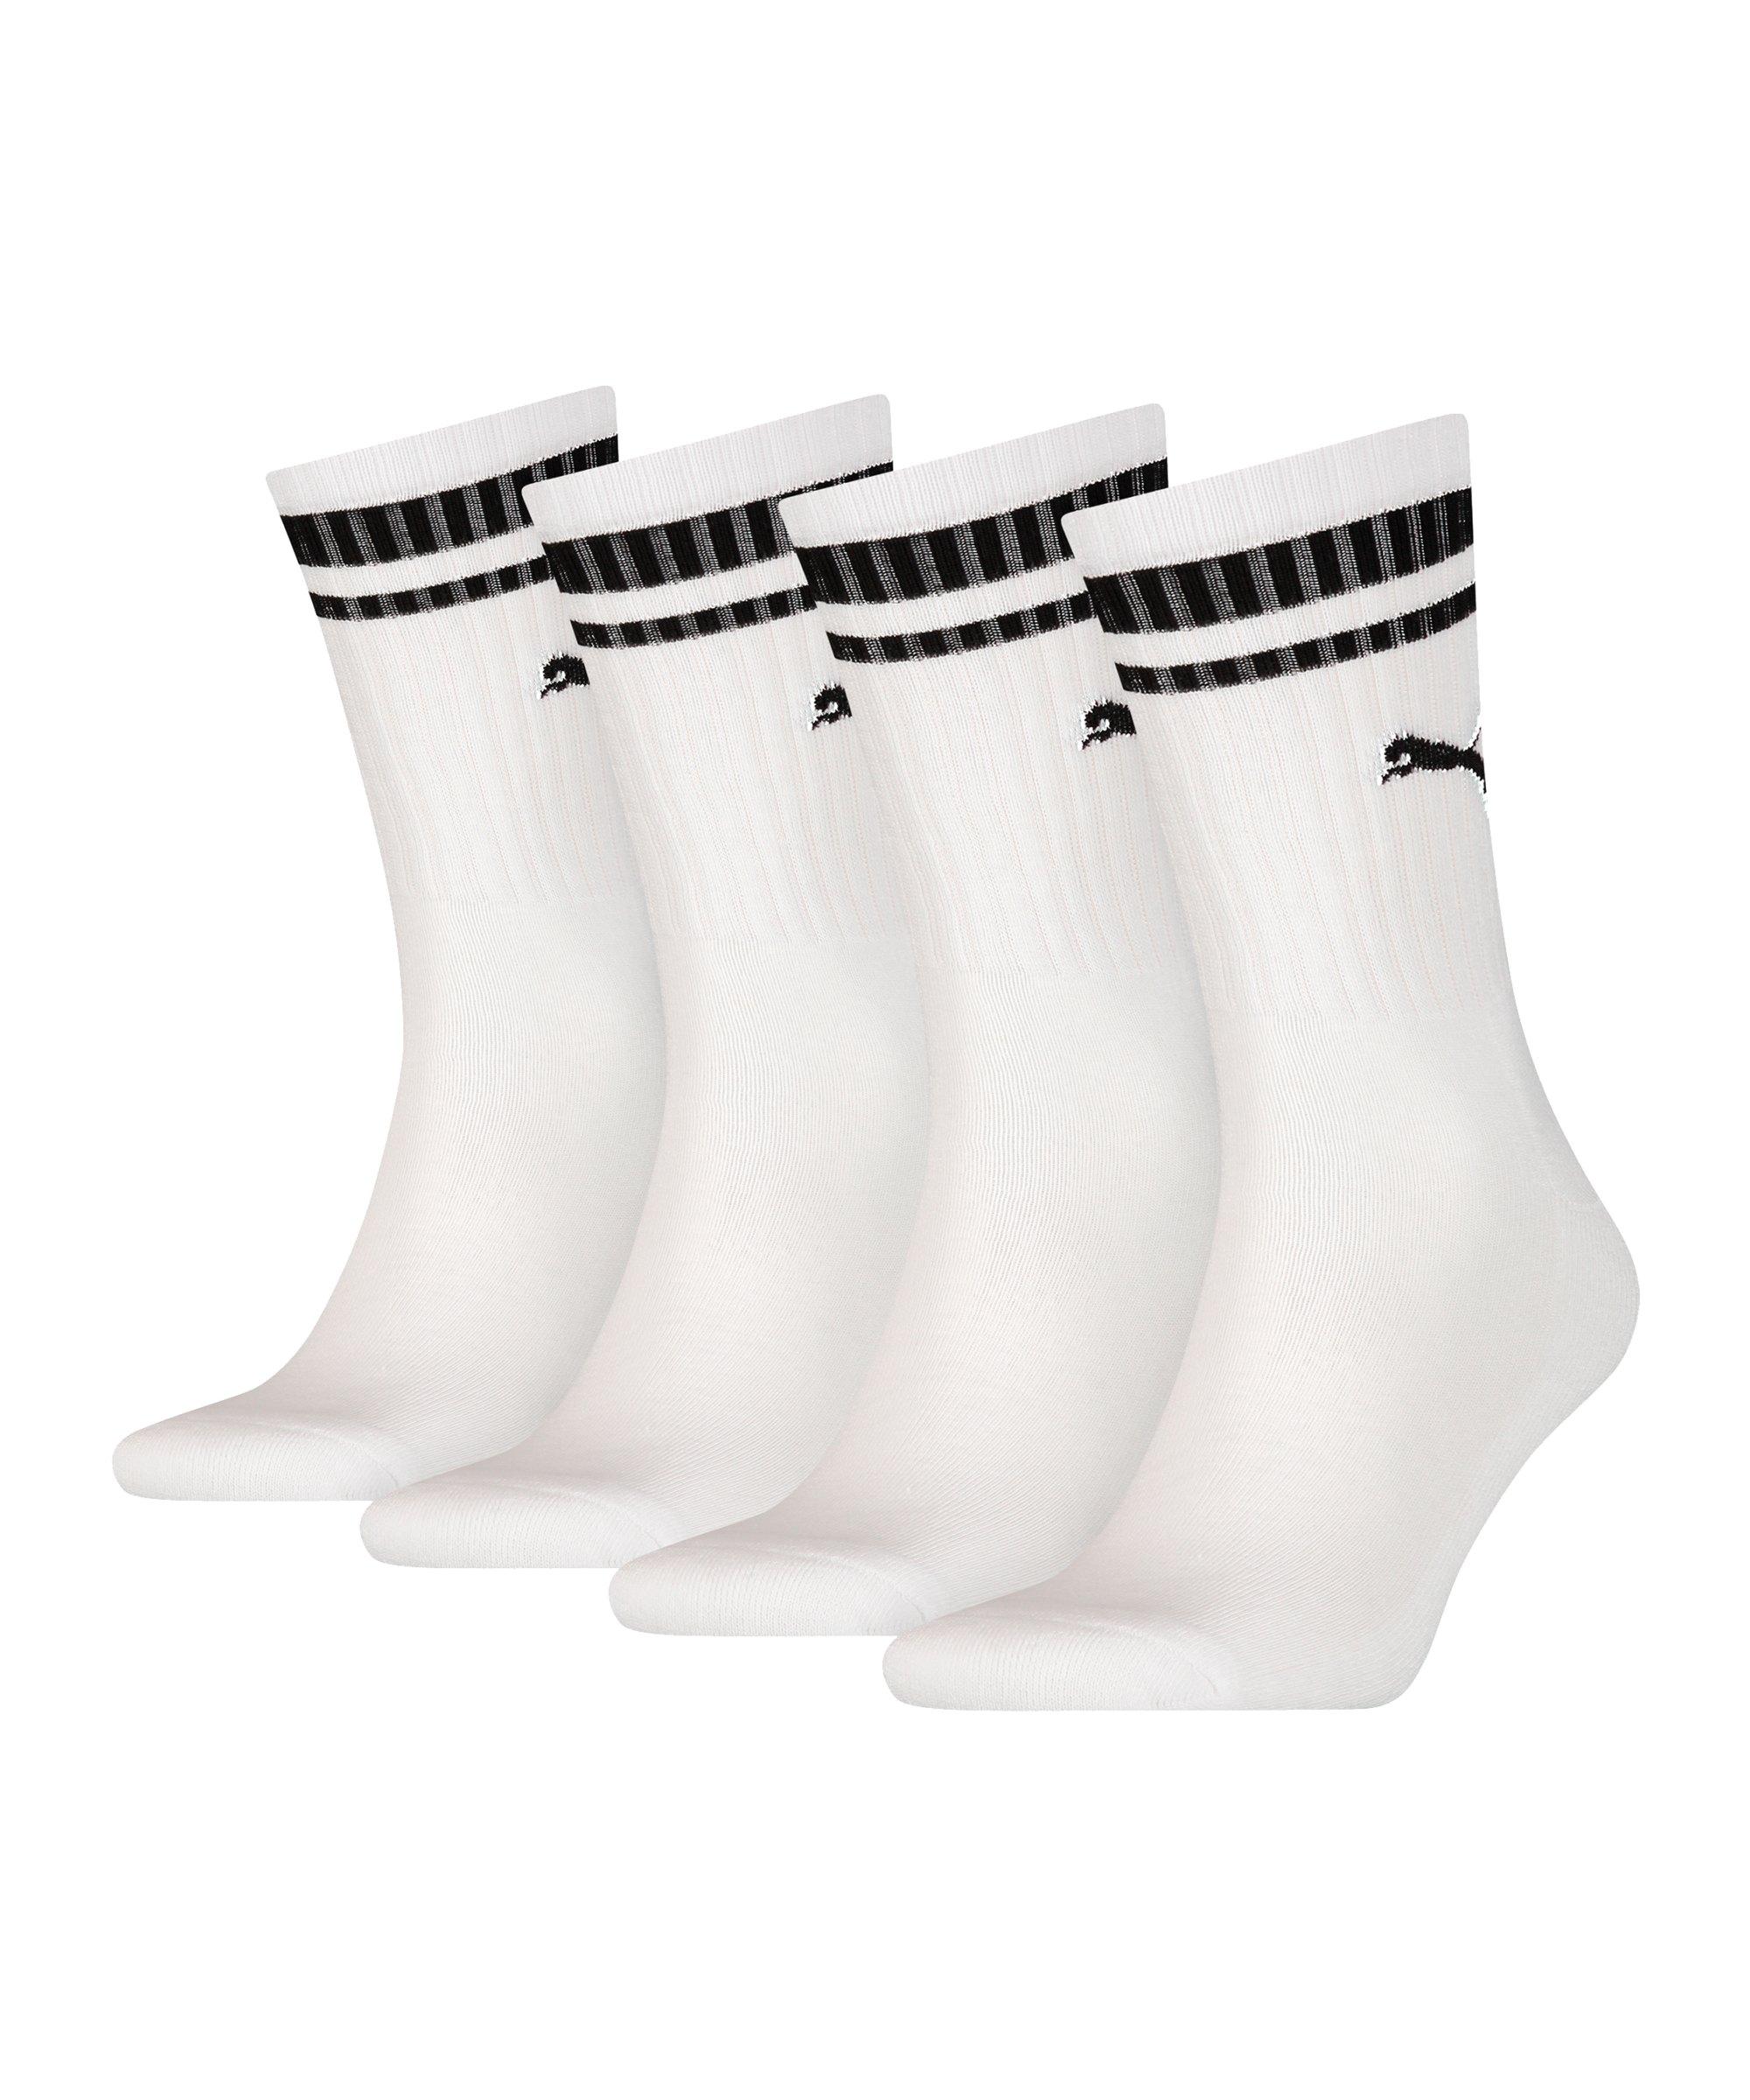 PUMA Crew Heritage Stripe 4er Pack Socken F002 - weiss